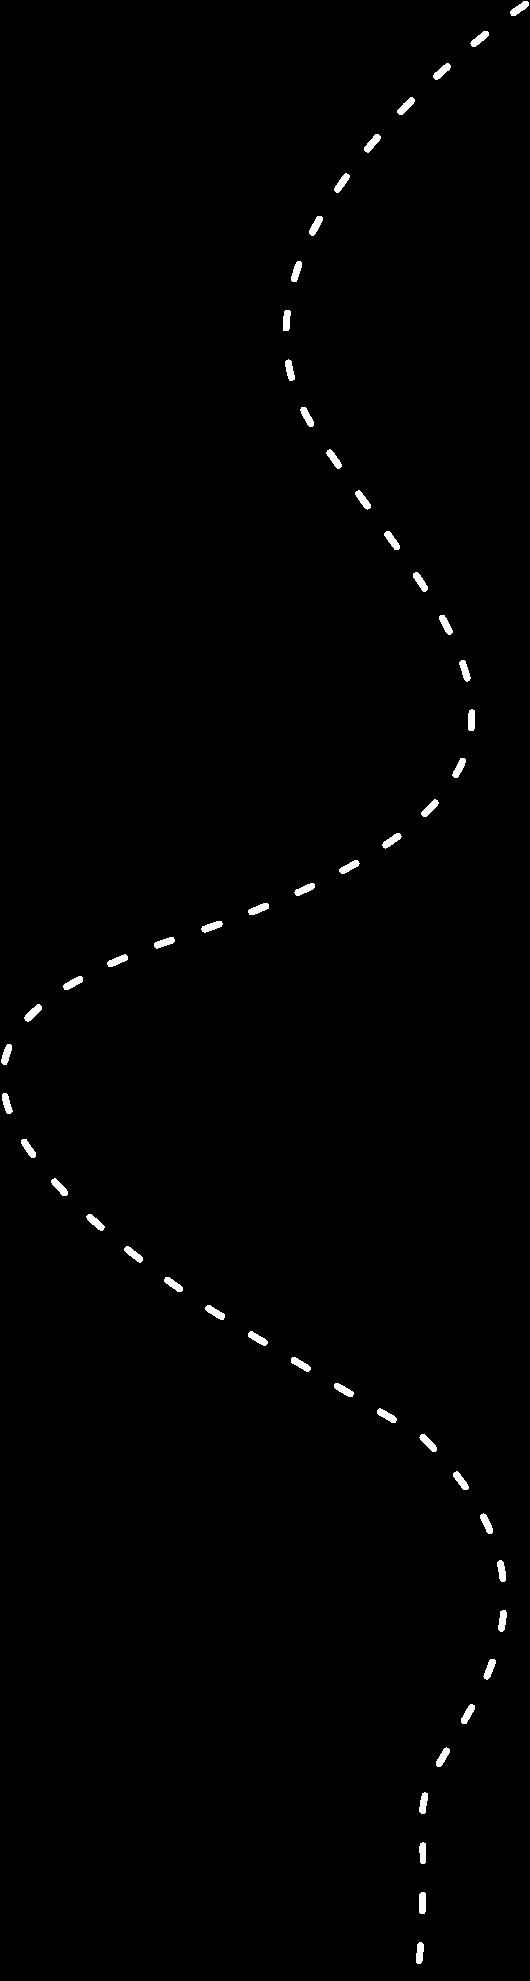 tracé 2896